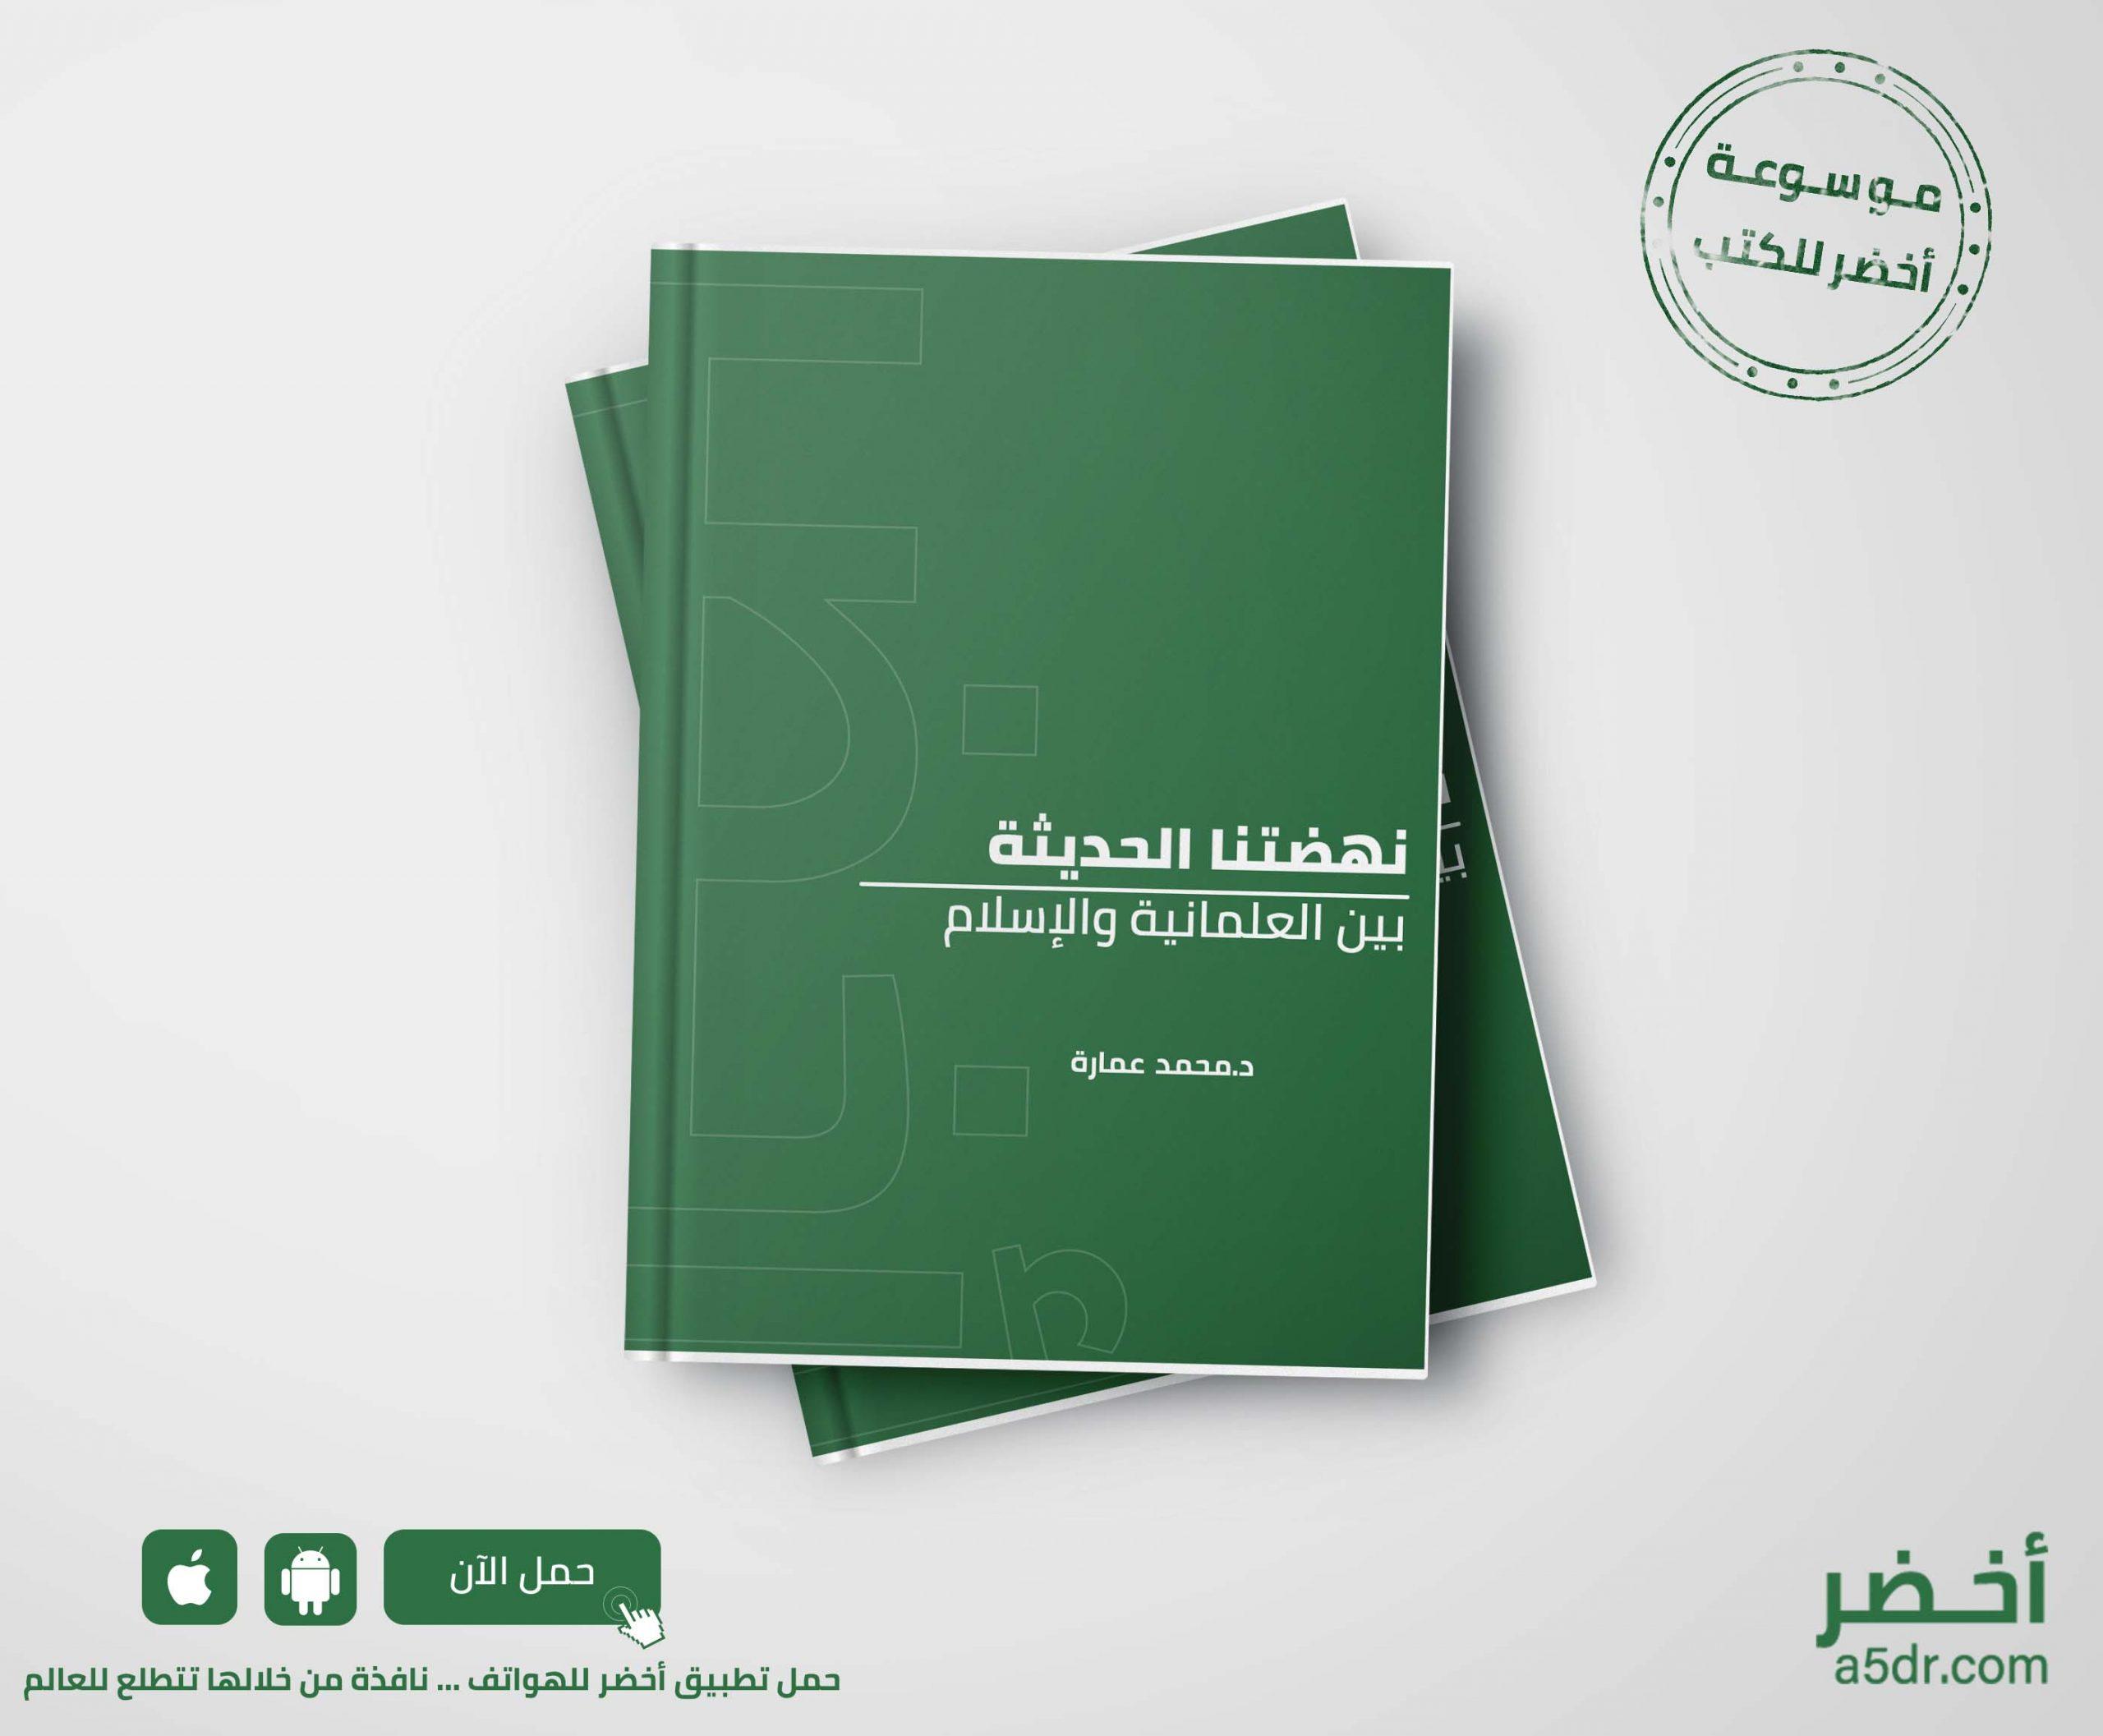 كتاب نهضتنا الحديثة بين العلمانية والإسلام - محمد عمارة